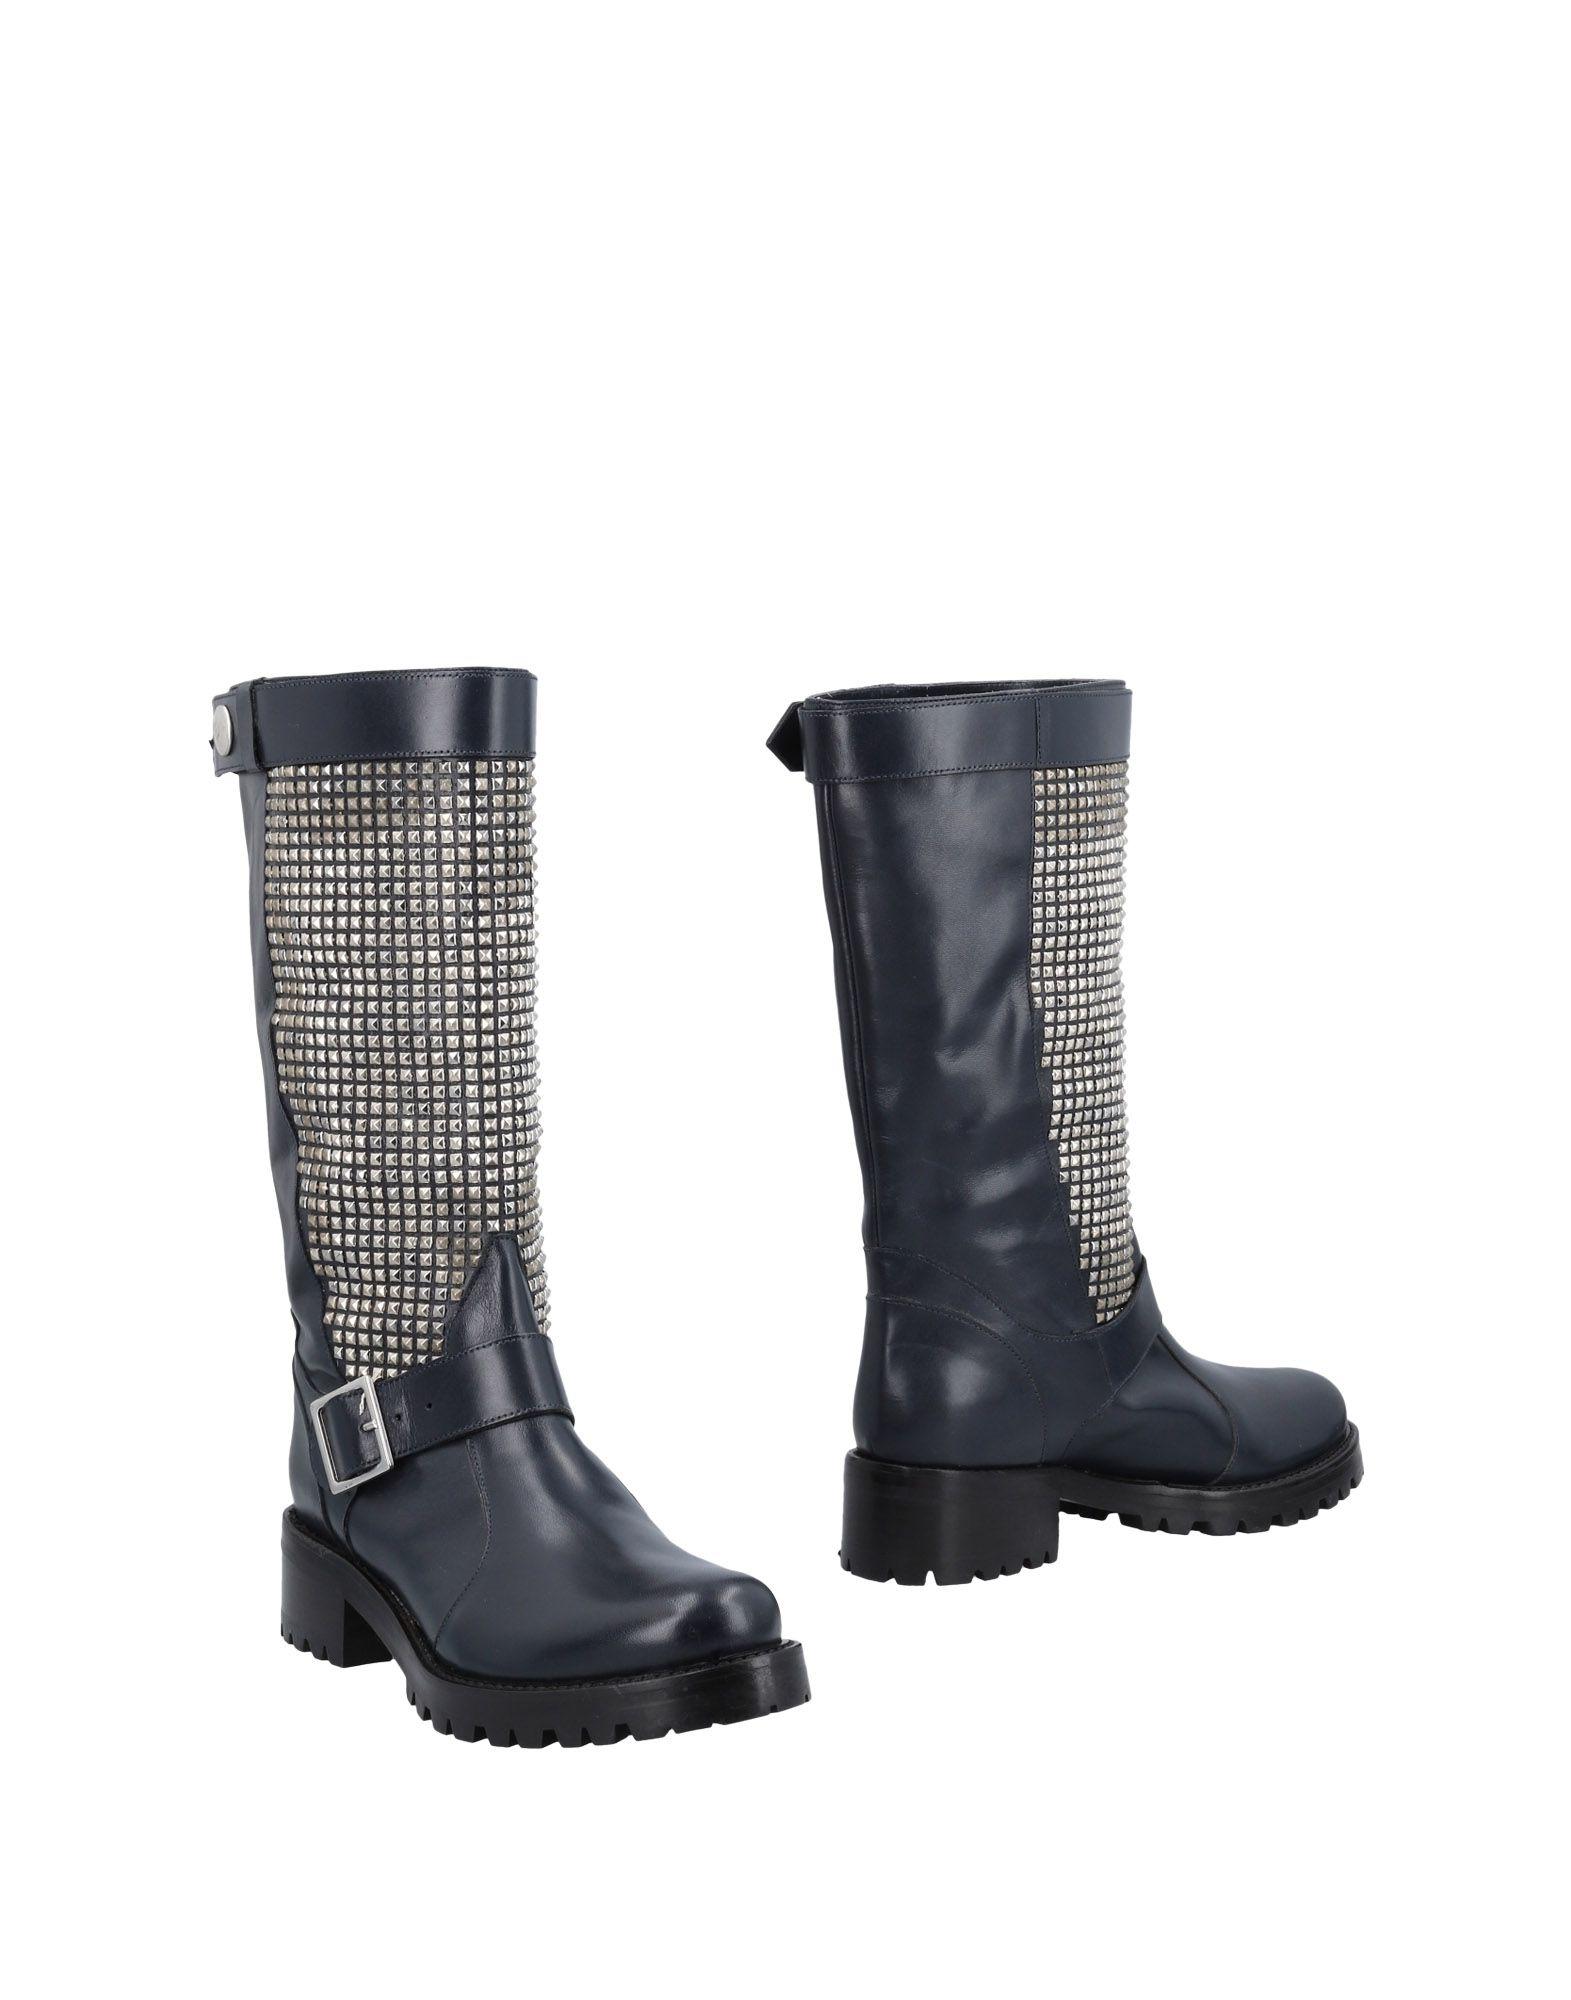 Haltbare Mode billige Schuhe Cavallini Stiefel Damen  11484037BG Heiße Schuhe